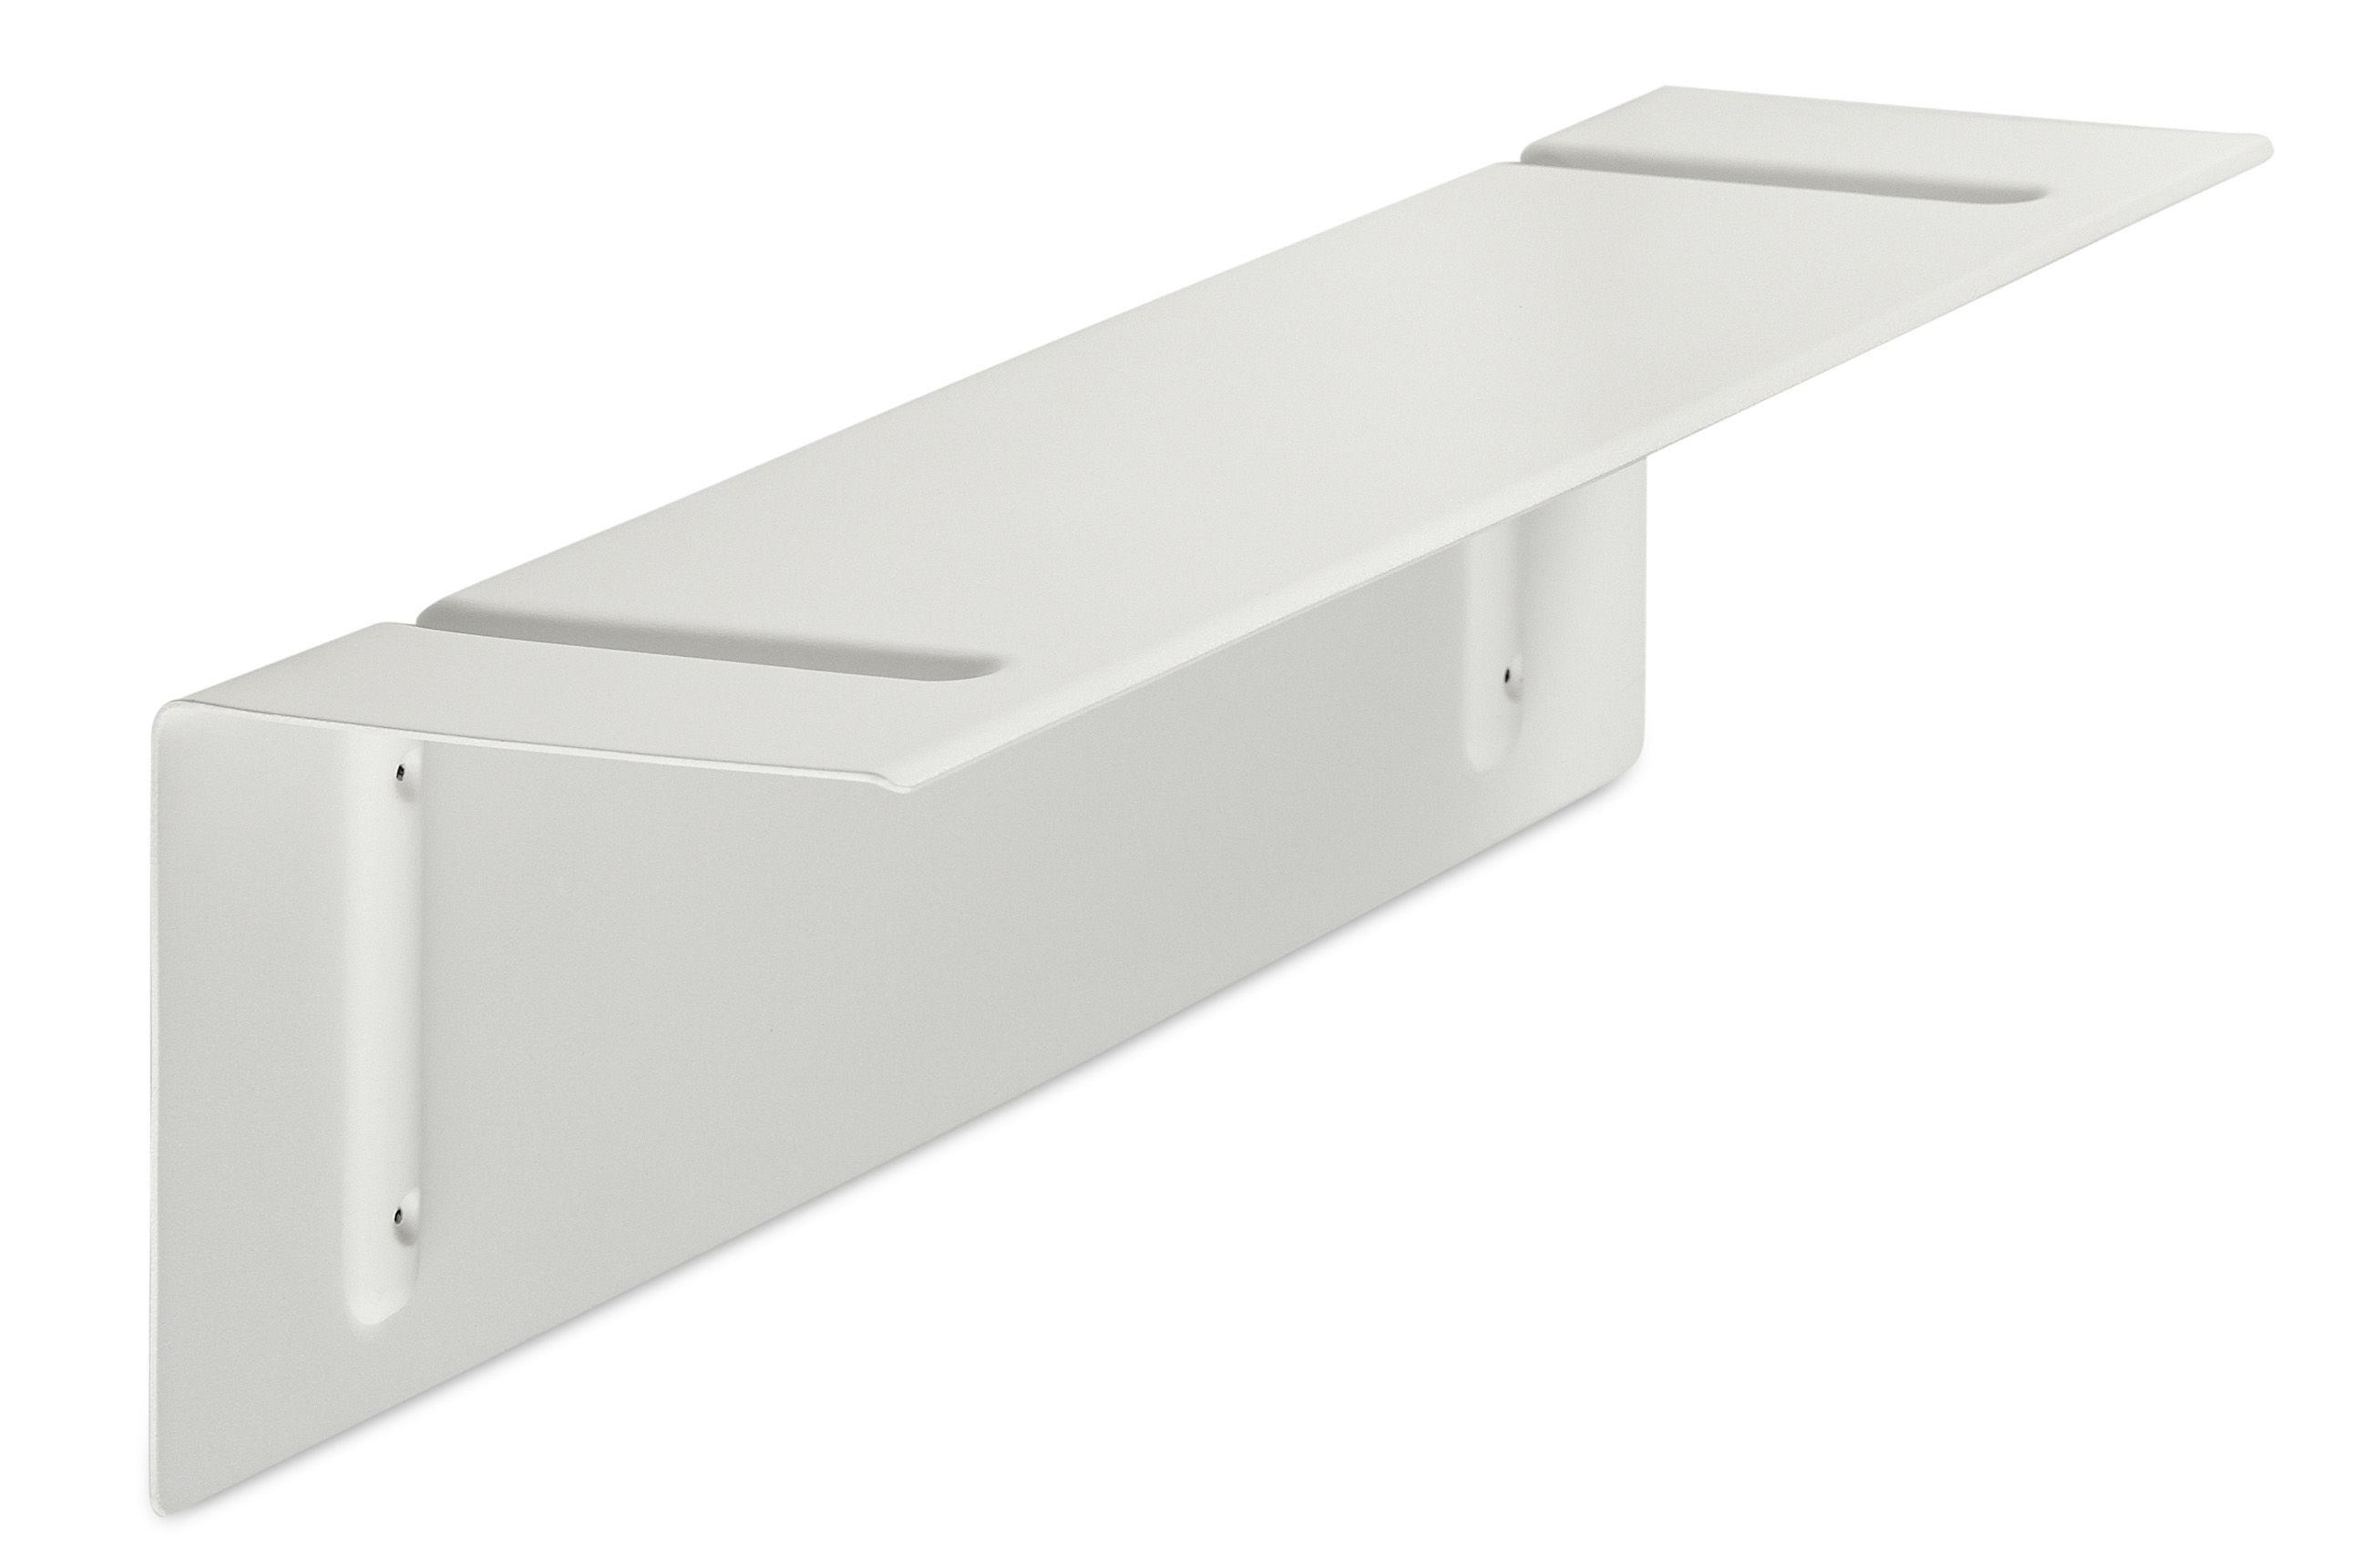 Mobilier - Etagères & bibliothèques - Etagère Brackets Included / L 80 cm - Hay - Blanc - Acier laqué